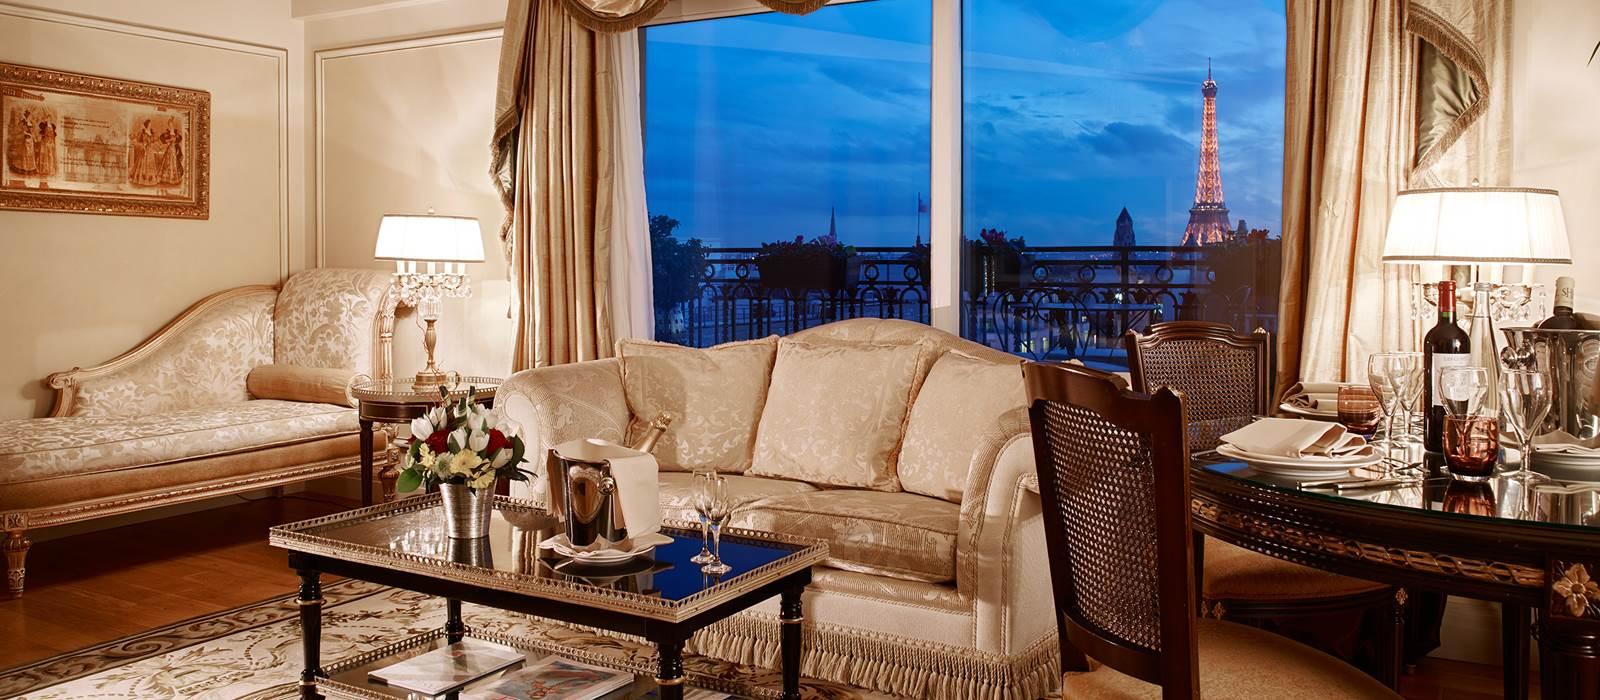 H tel balzac 5 star boutique hotel champs elys es paris for Hotel design paris 7